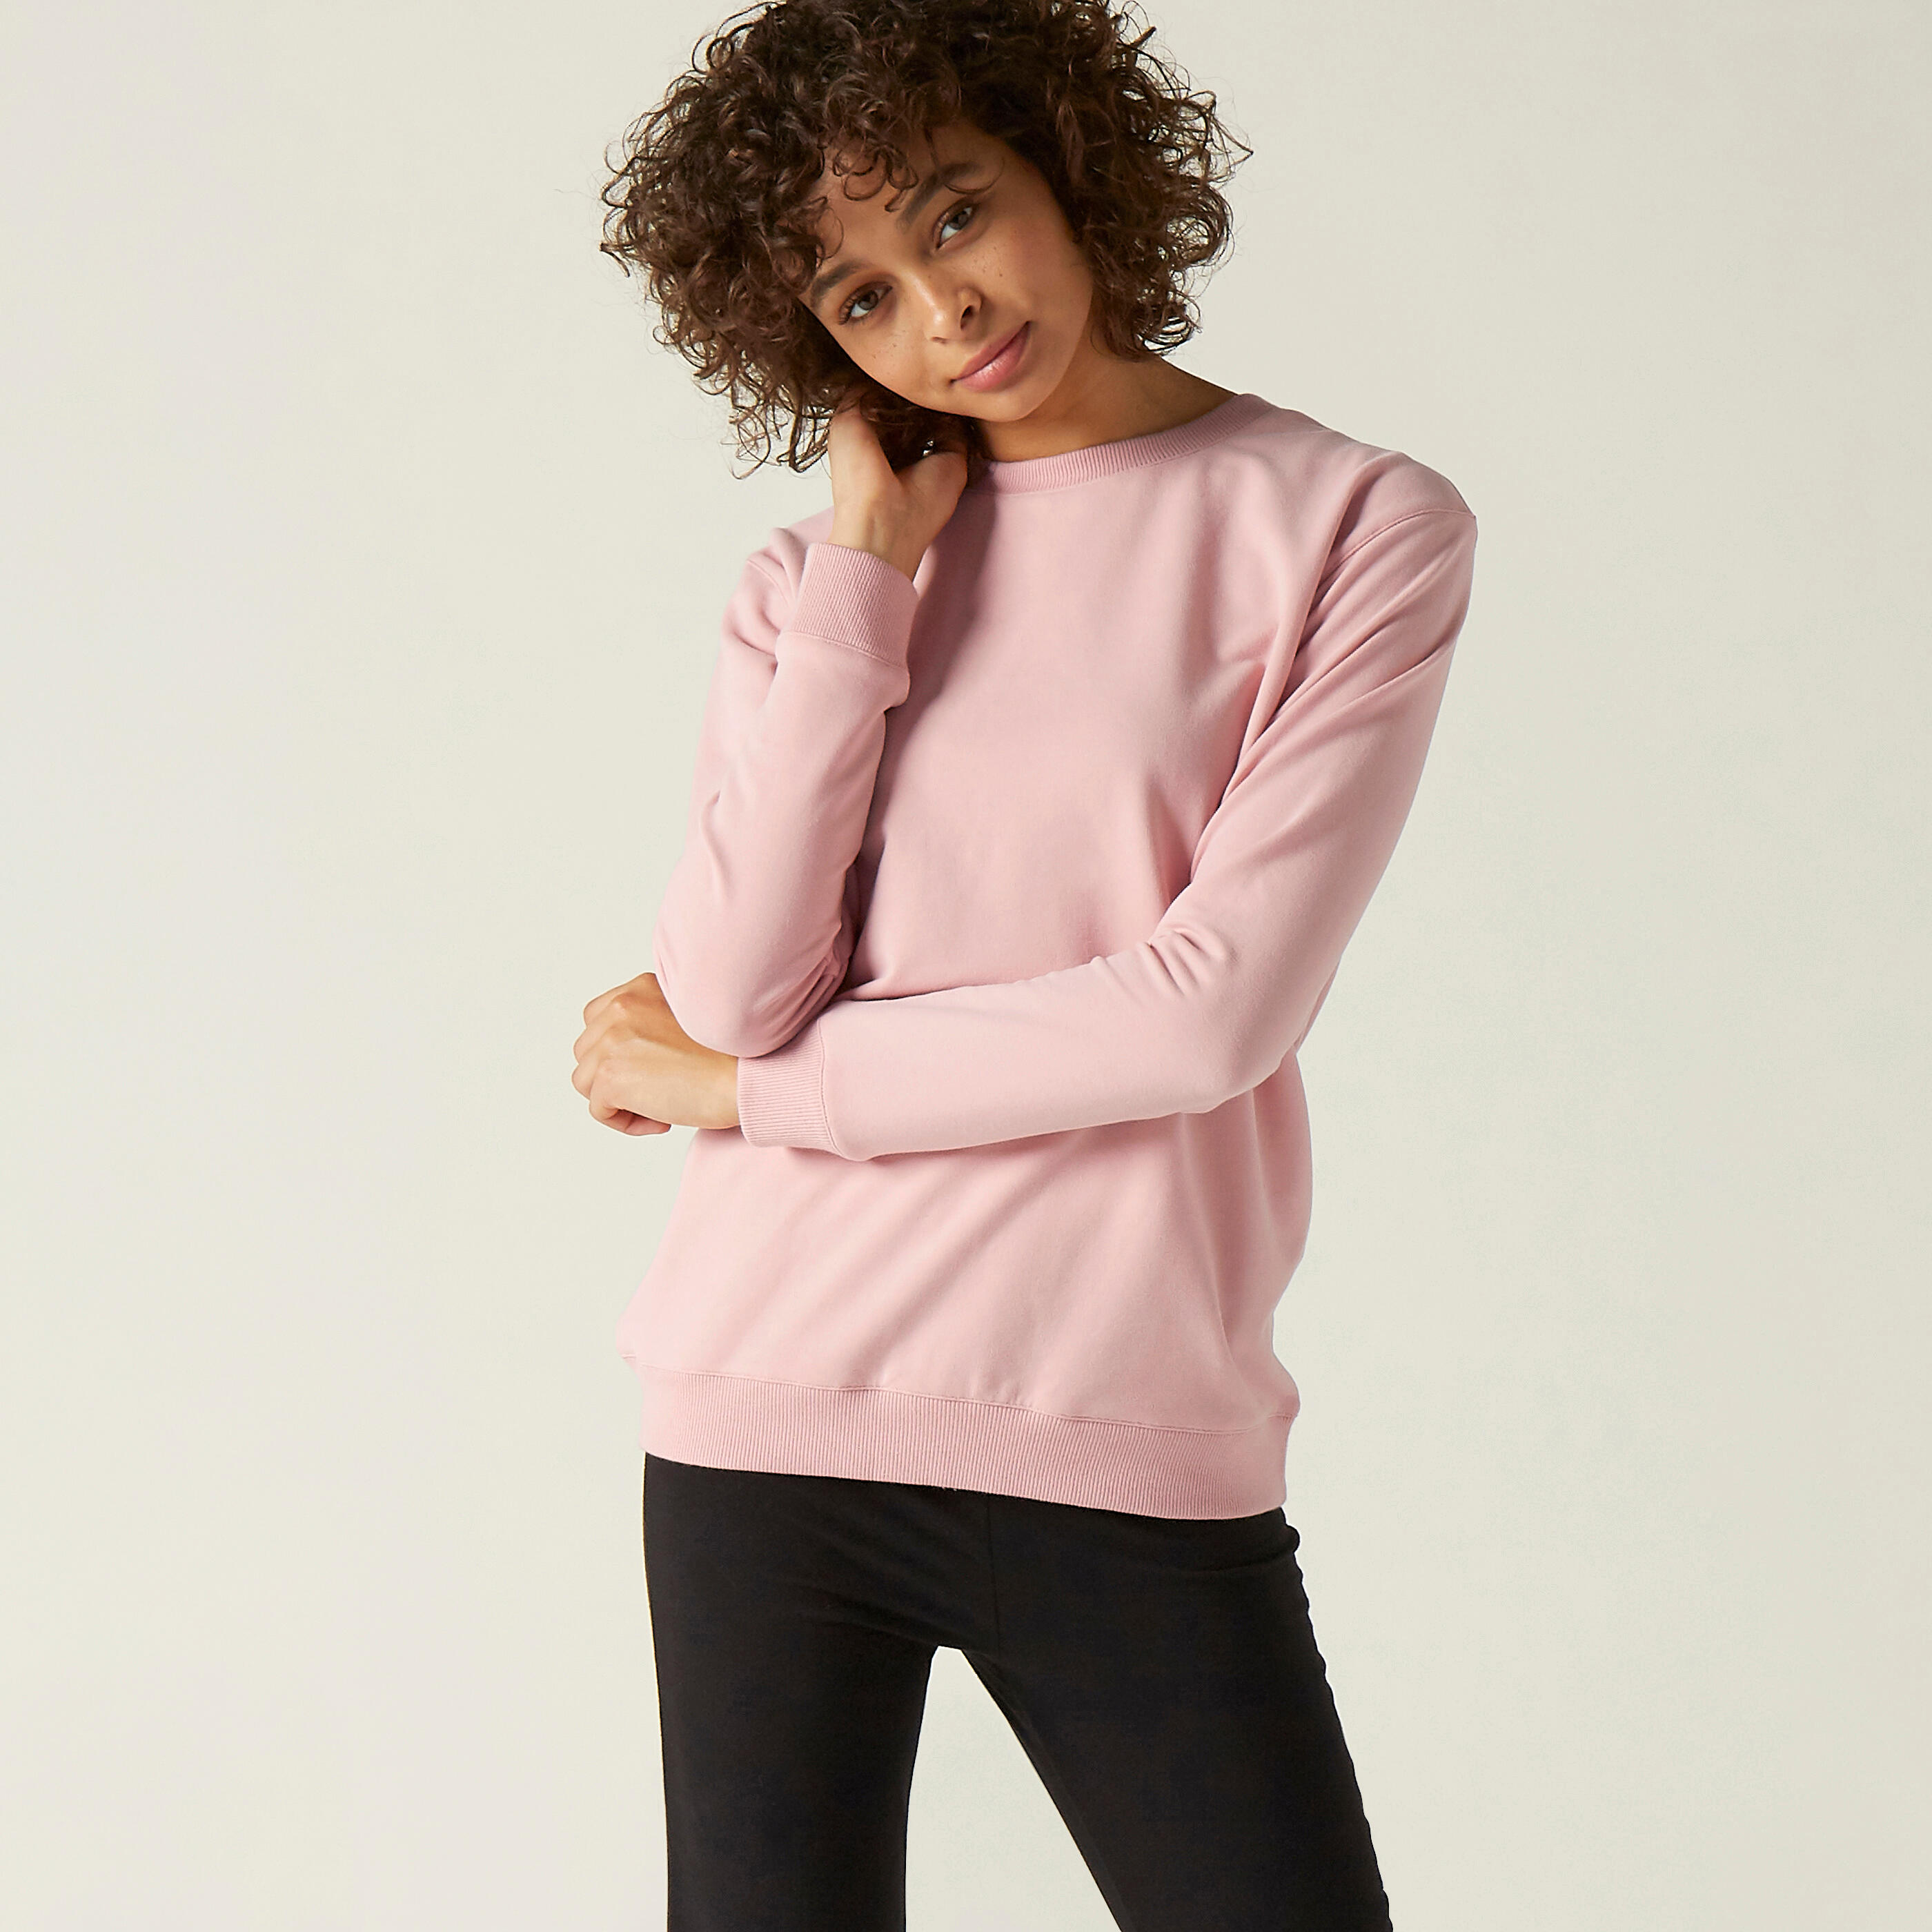 Bluză 100 roz damă imagine